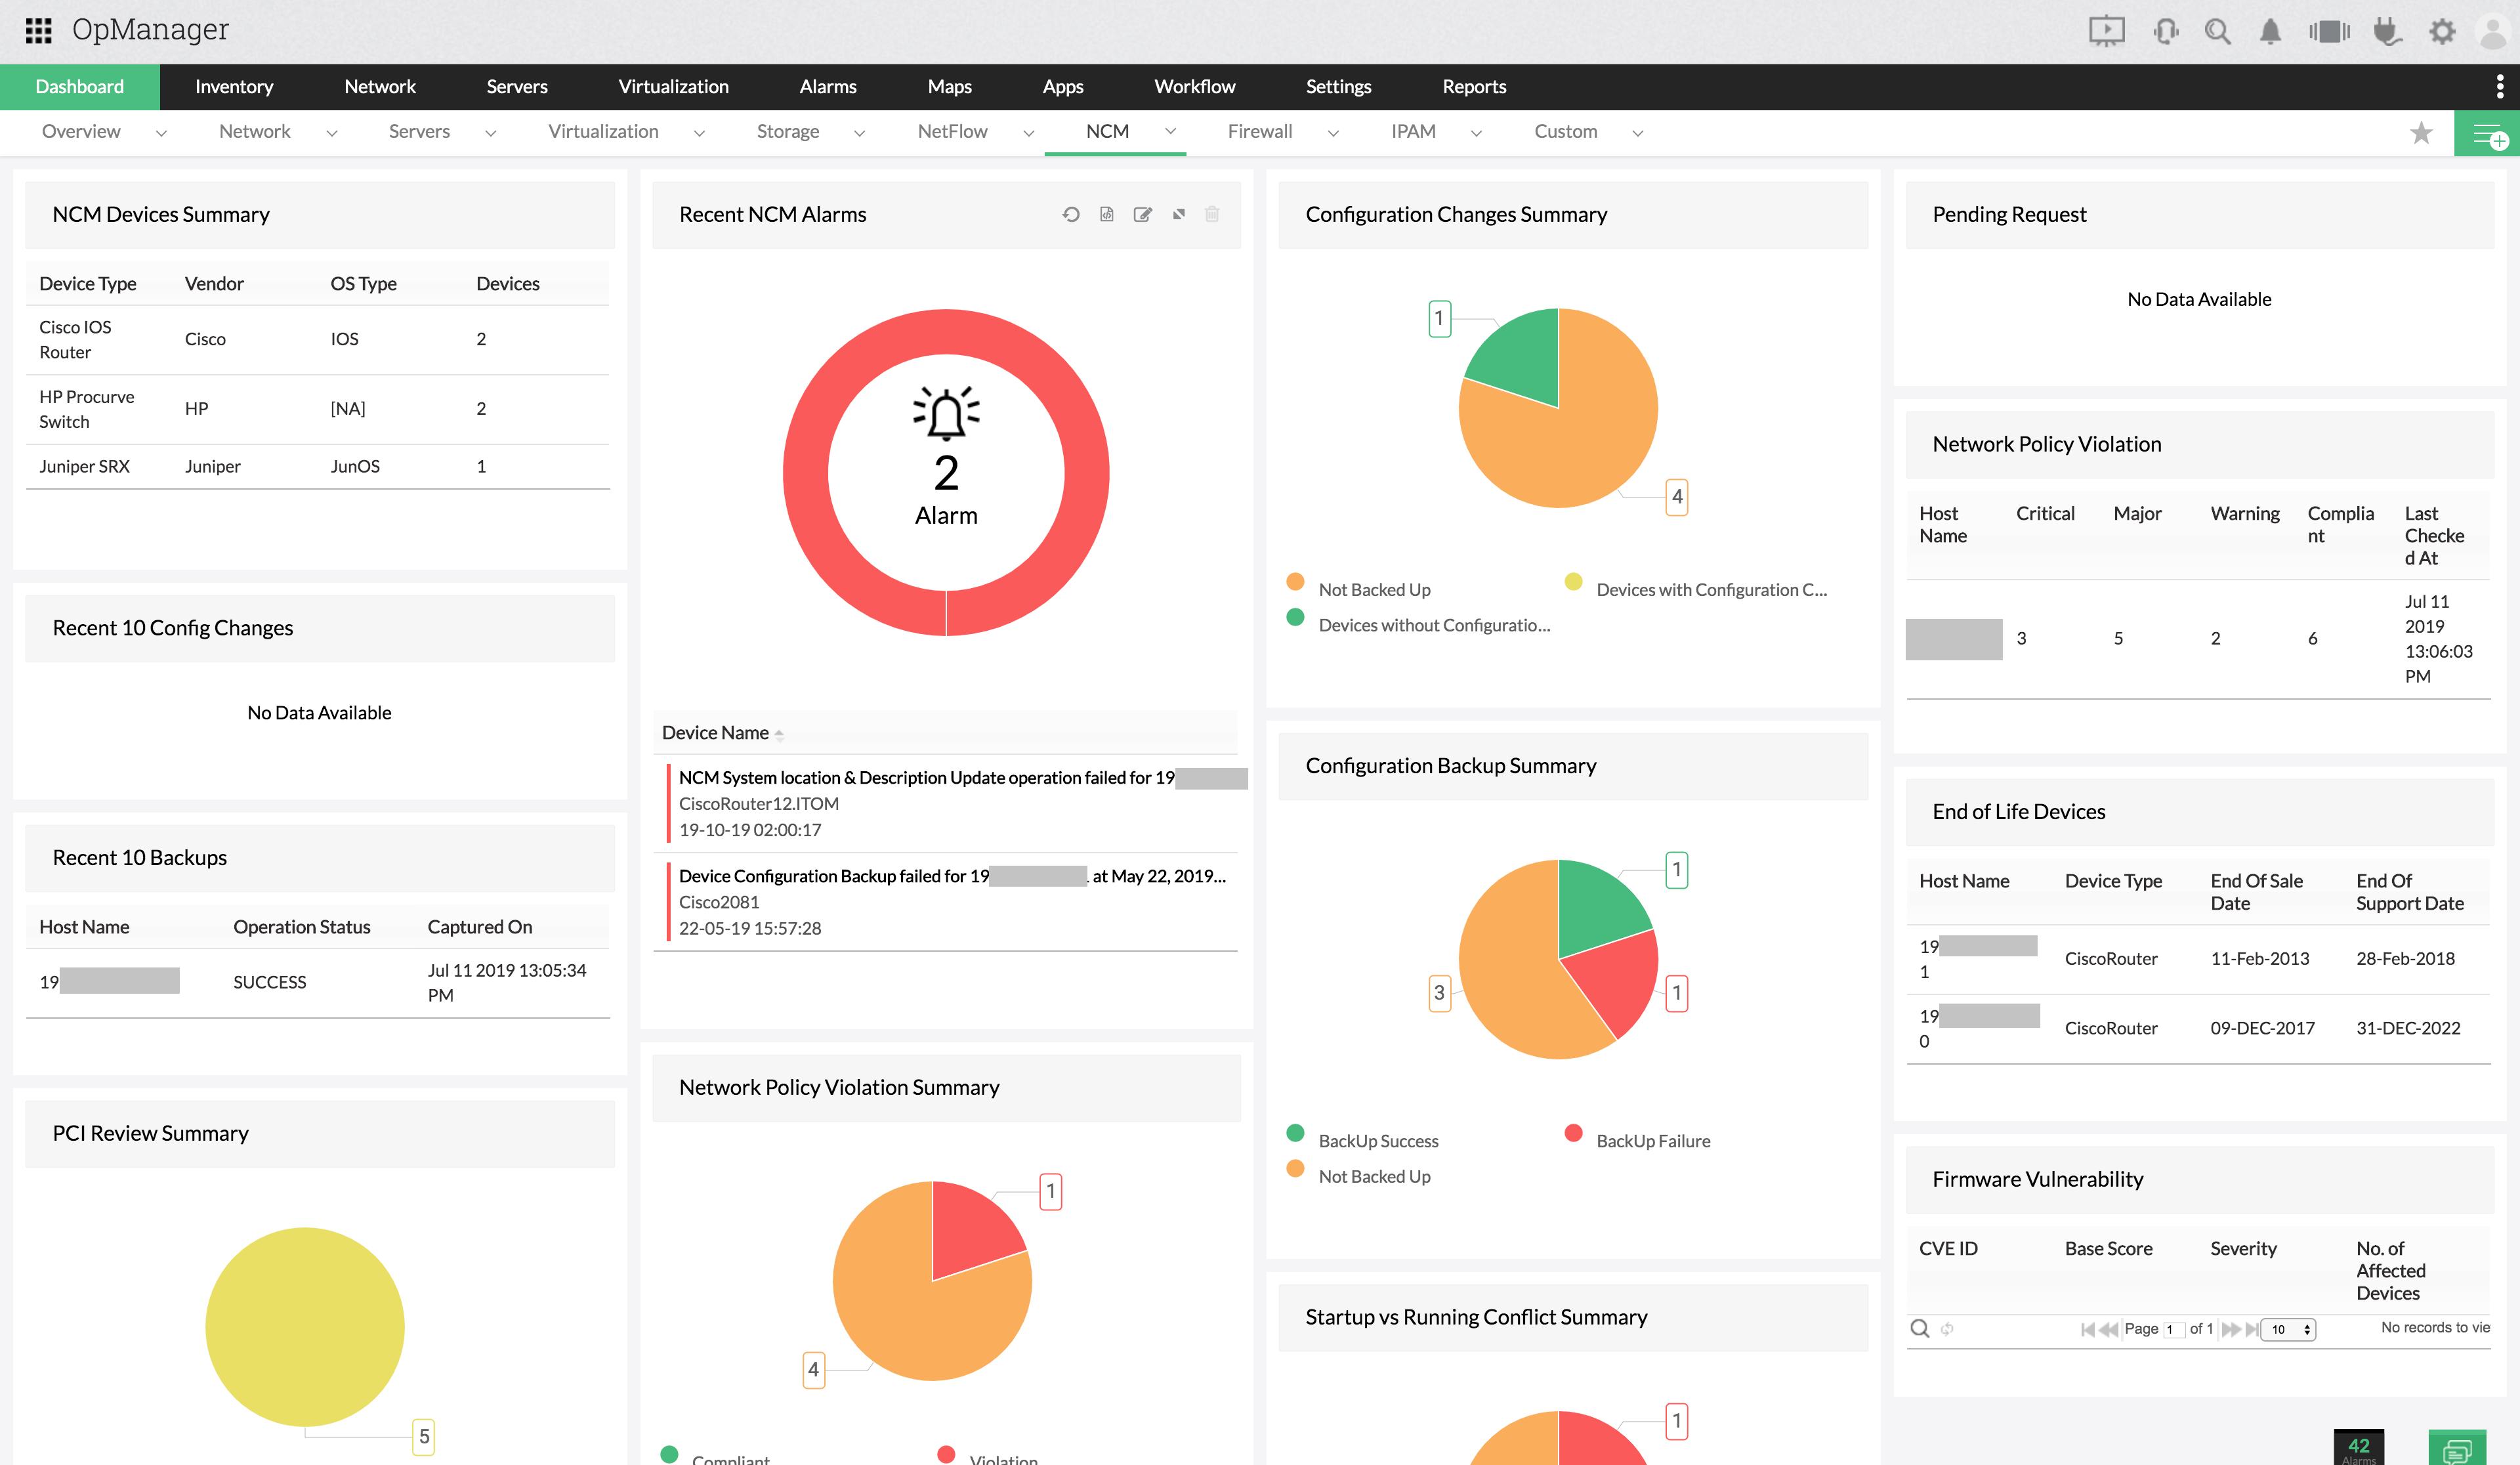 Analysez Surveillez d'autres appareils critiques dans votre centre de données - ManageEngine OpManager